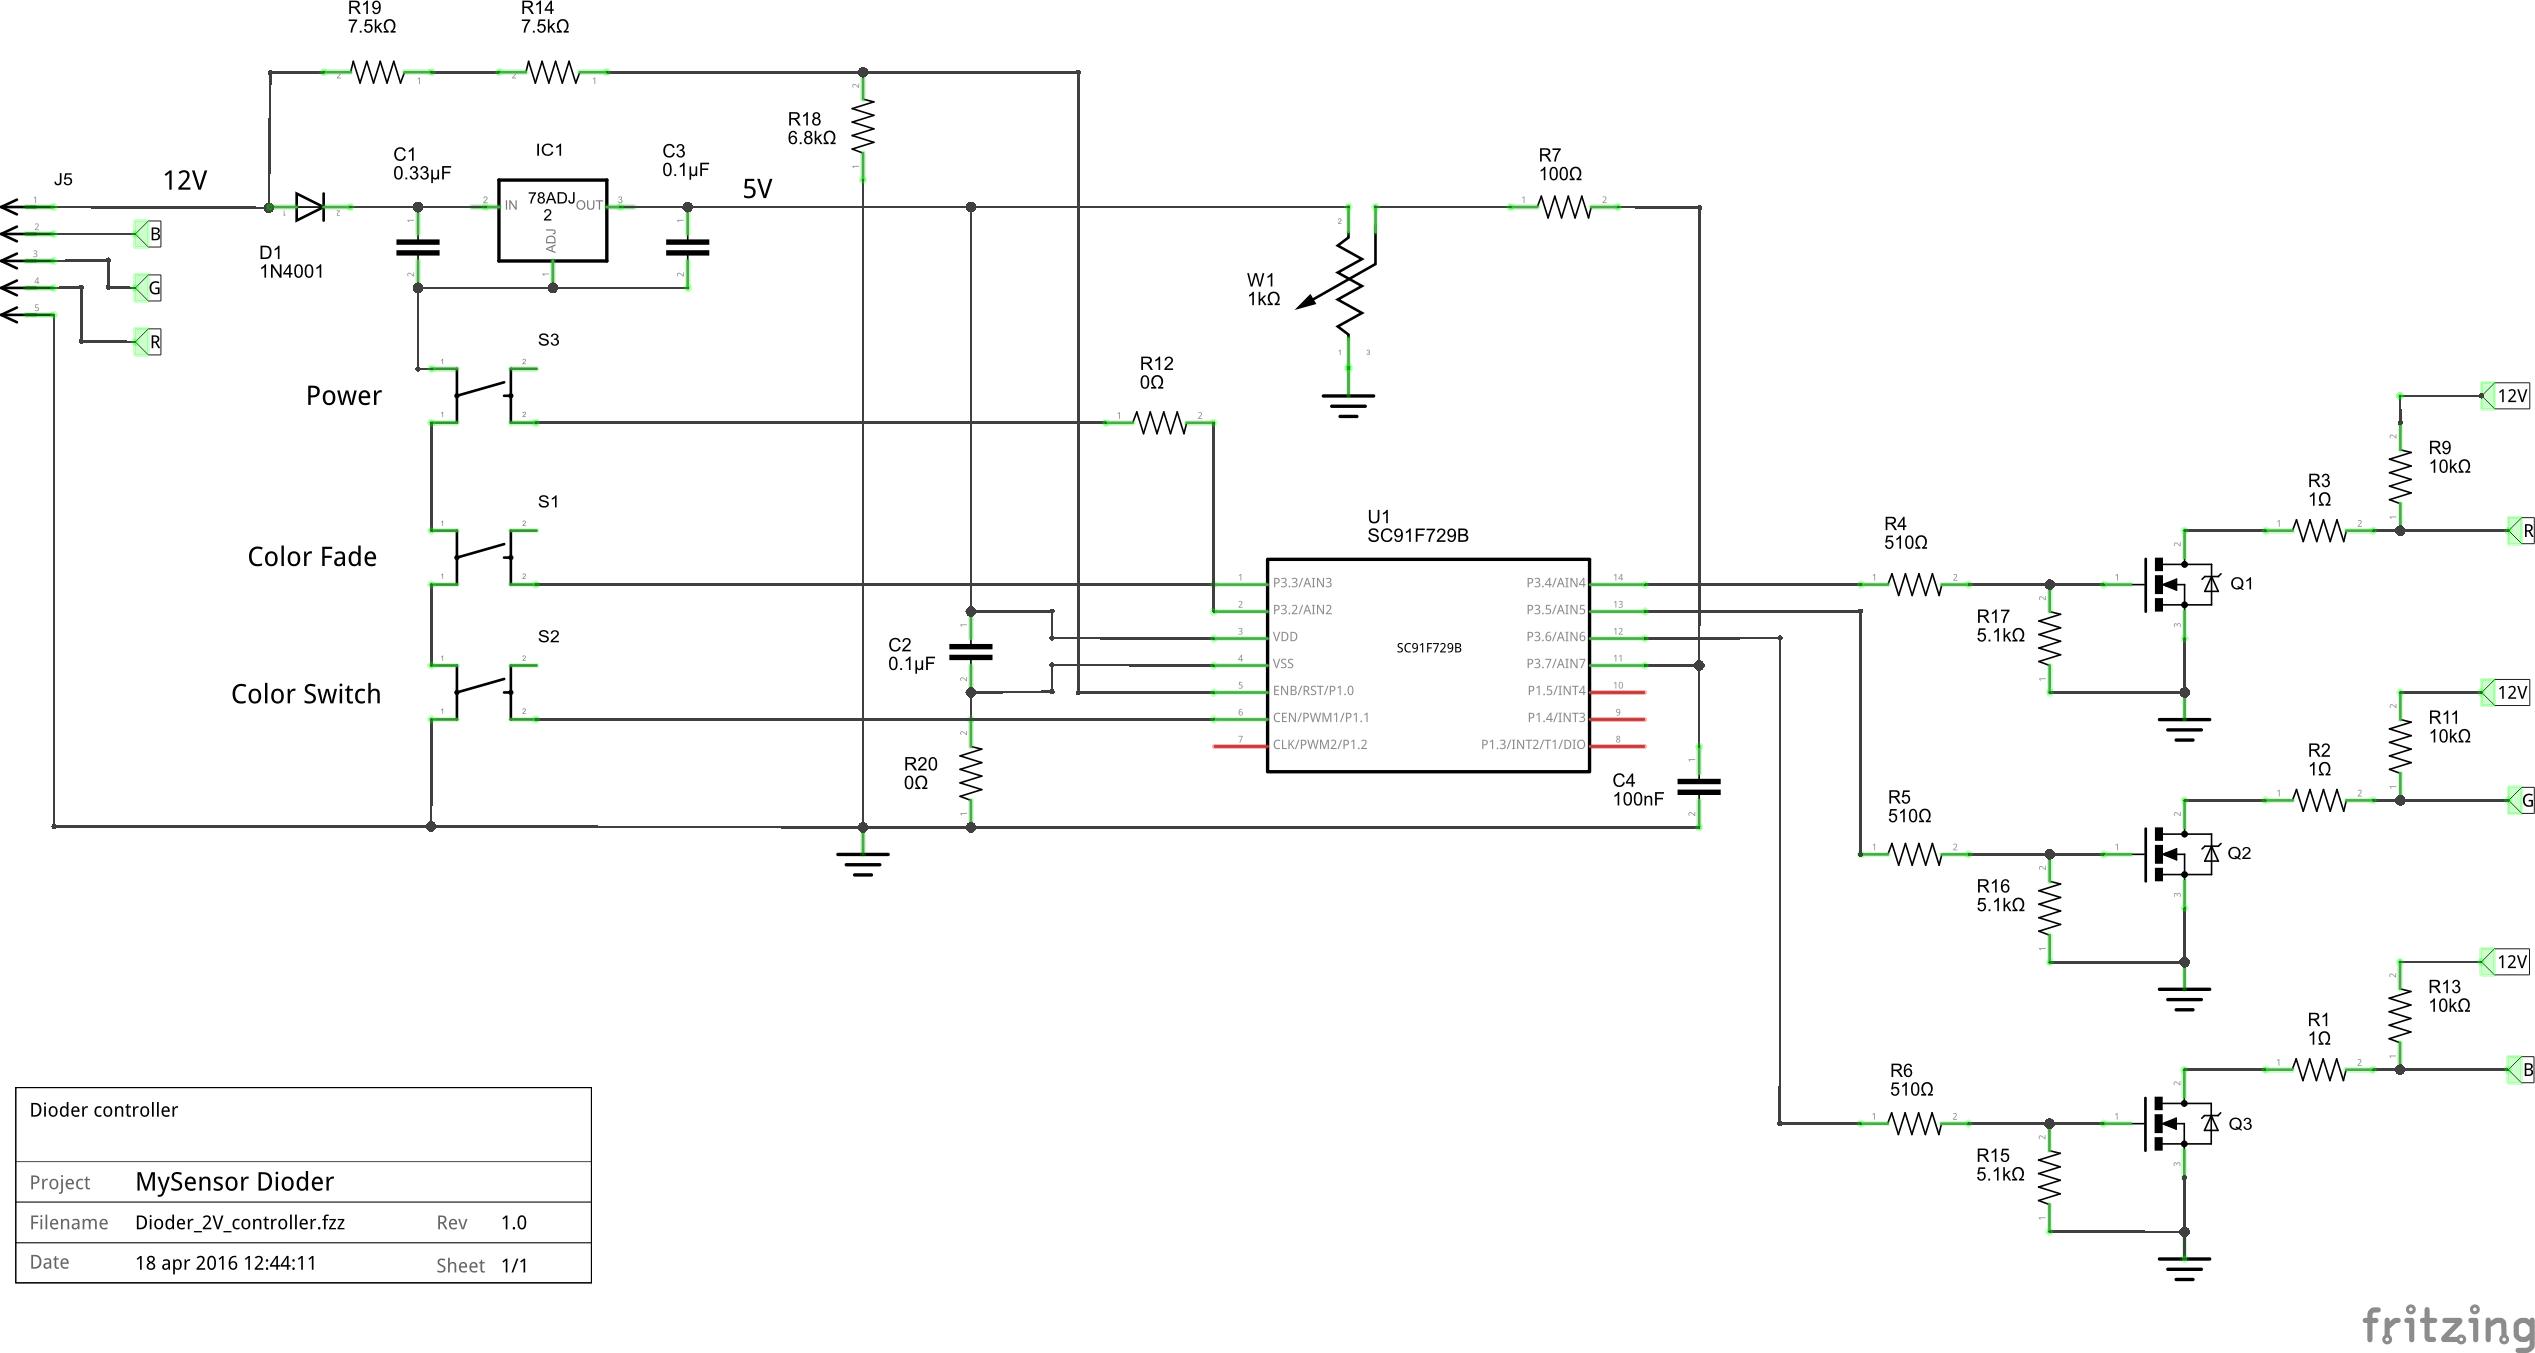 Dioder 2v controller schem